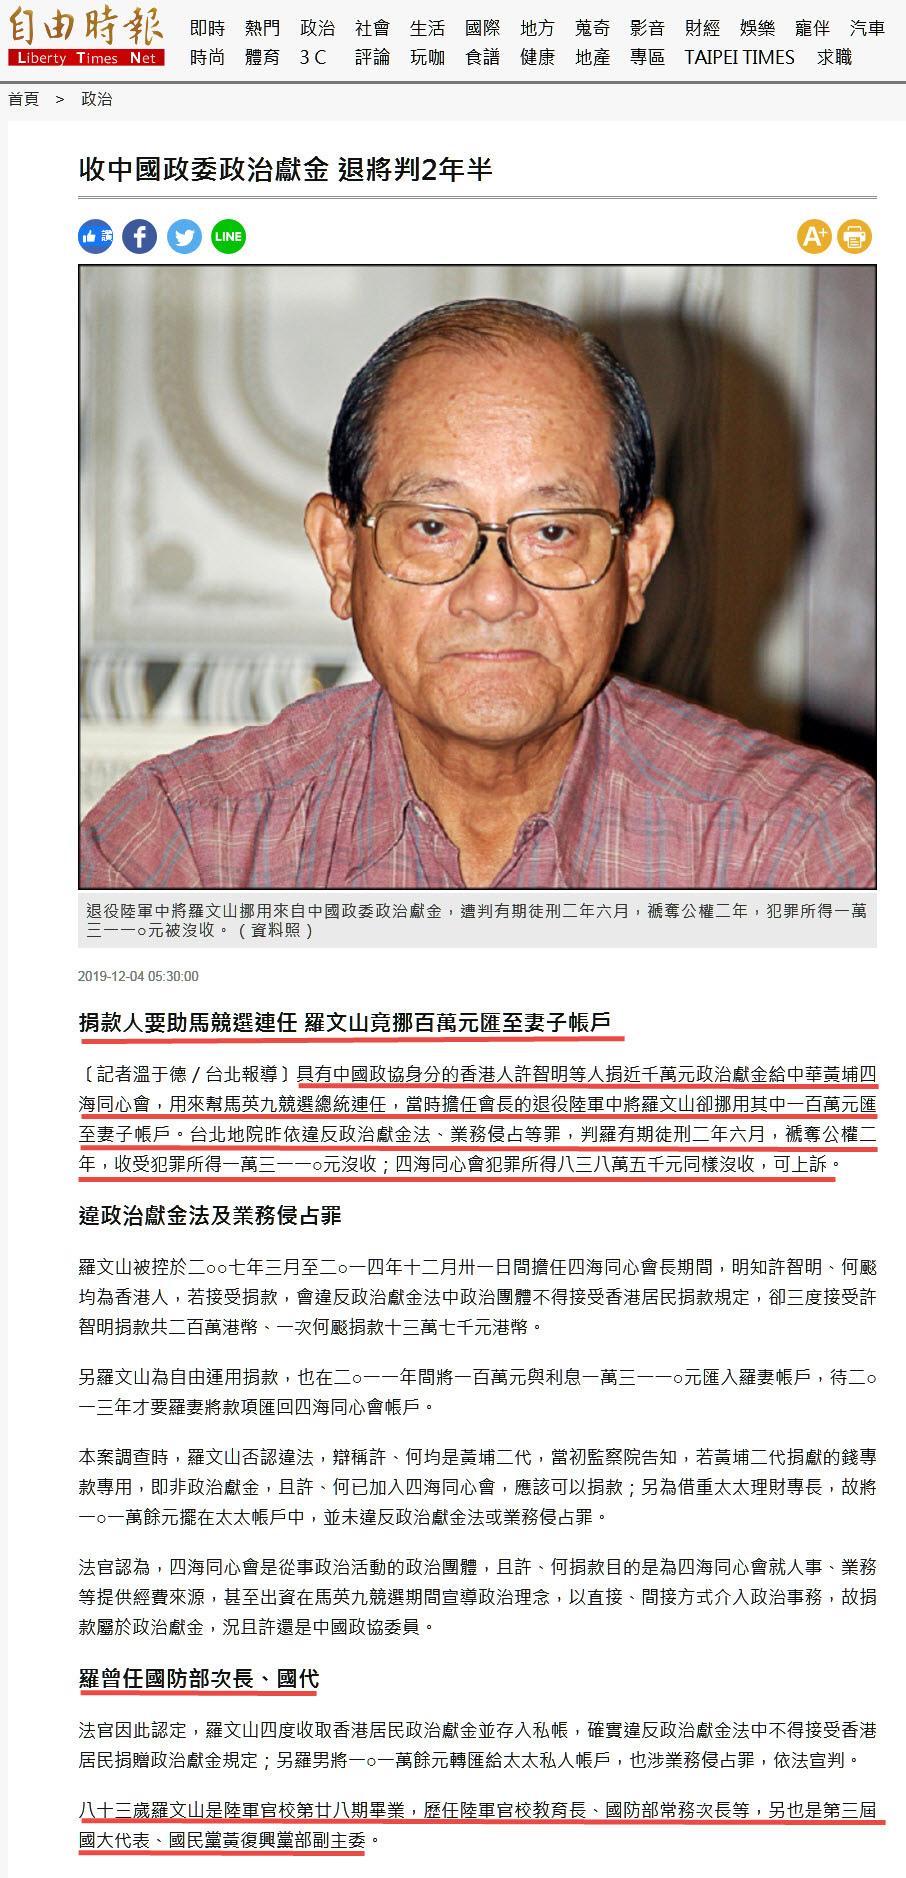 收中國政委政治獻金 退將判2年半-2019.12.04.jpg